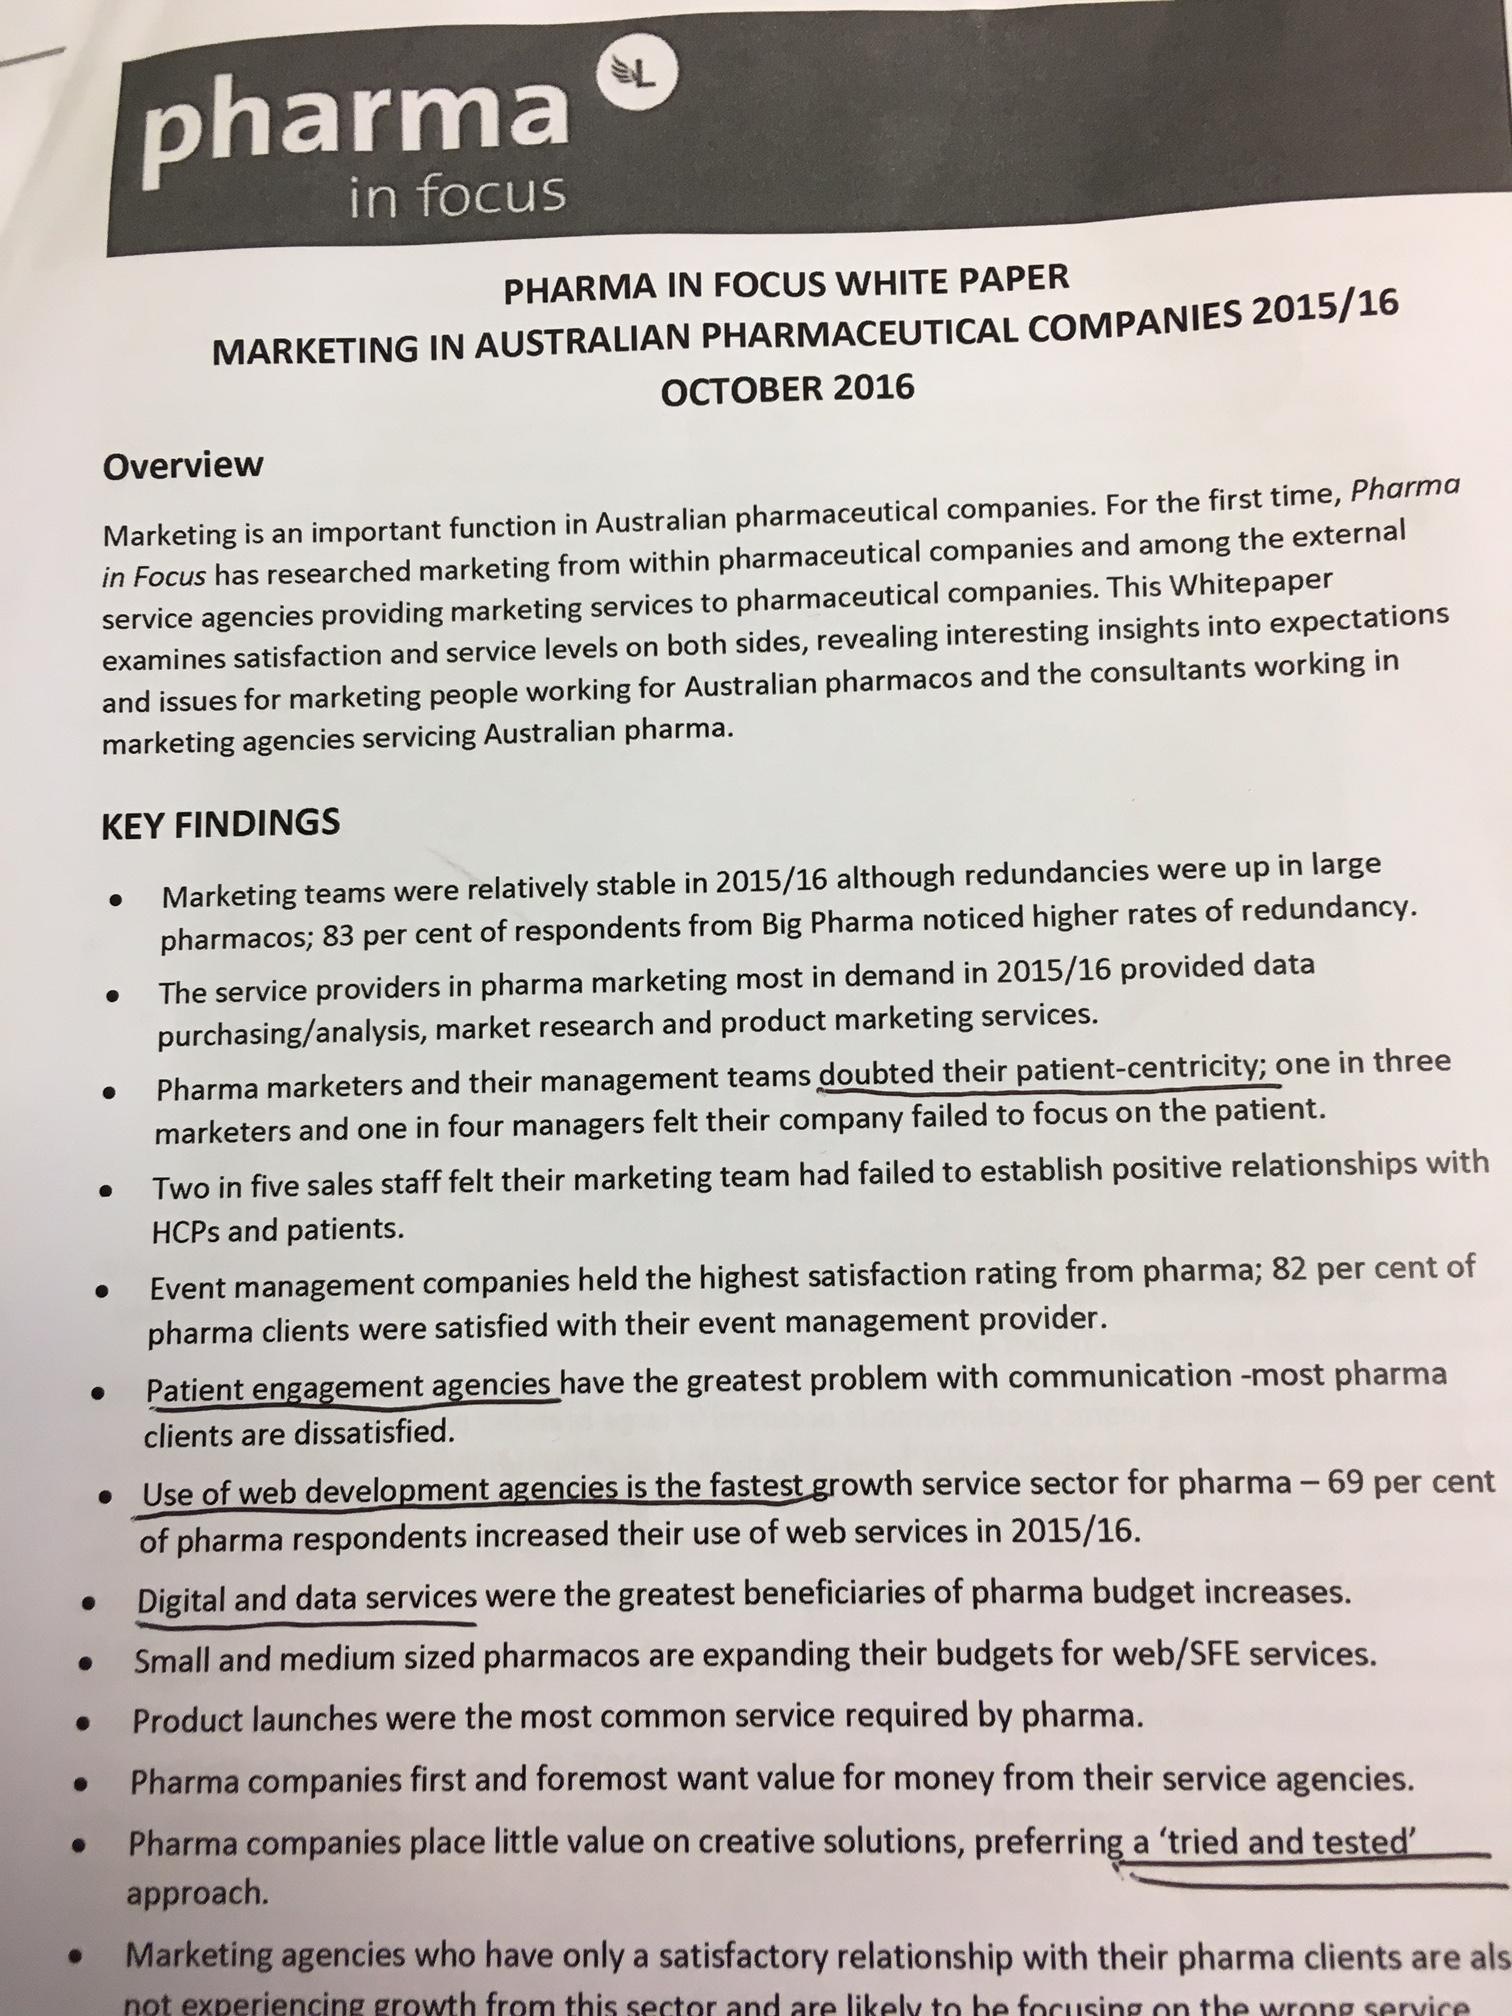 pharma_in_focus_white_paper.jpg